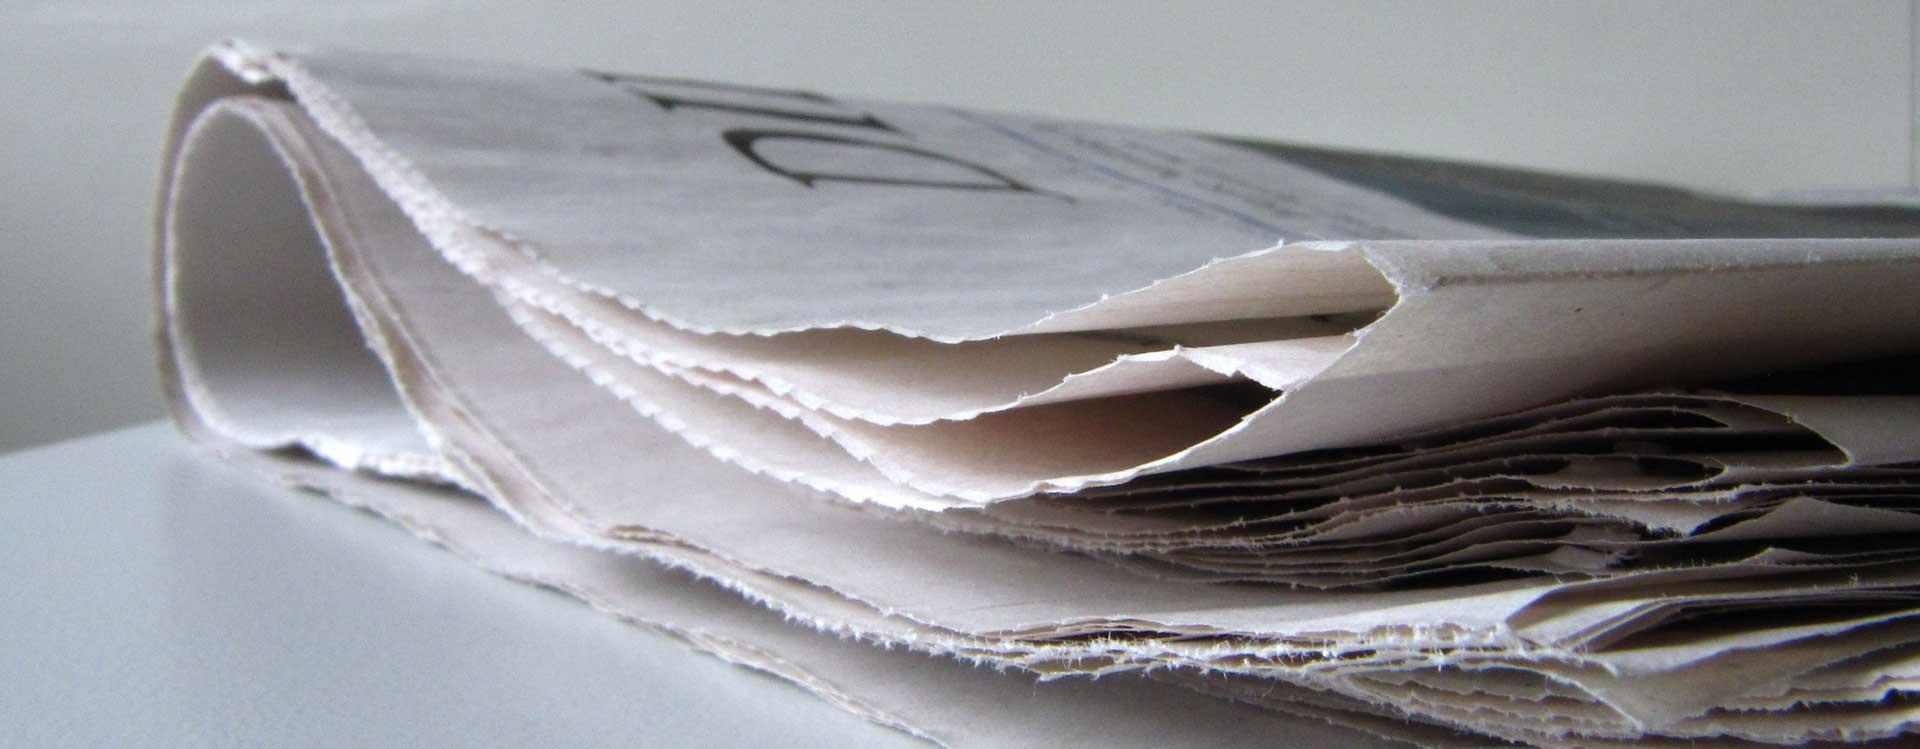 Medienstrafrecht, Pressestrafrecht, Internetstrafrecht, Presserecht, Meinungsfreiheit, Pressefreiheit, Journalist, Herausgeber, Verleger, Fotograf, Durchsuchung